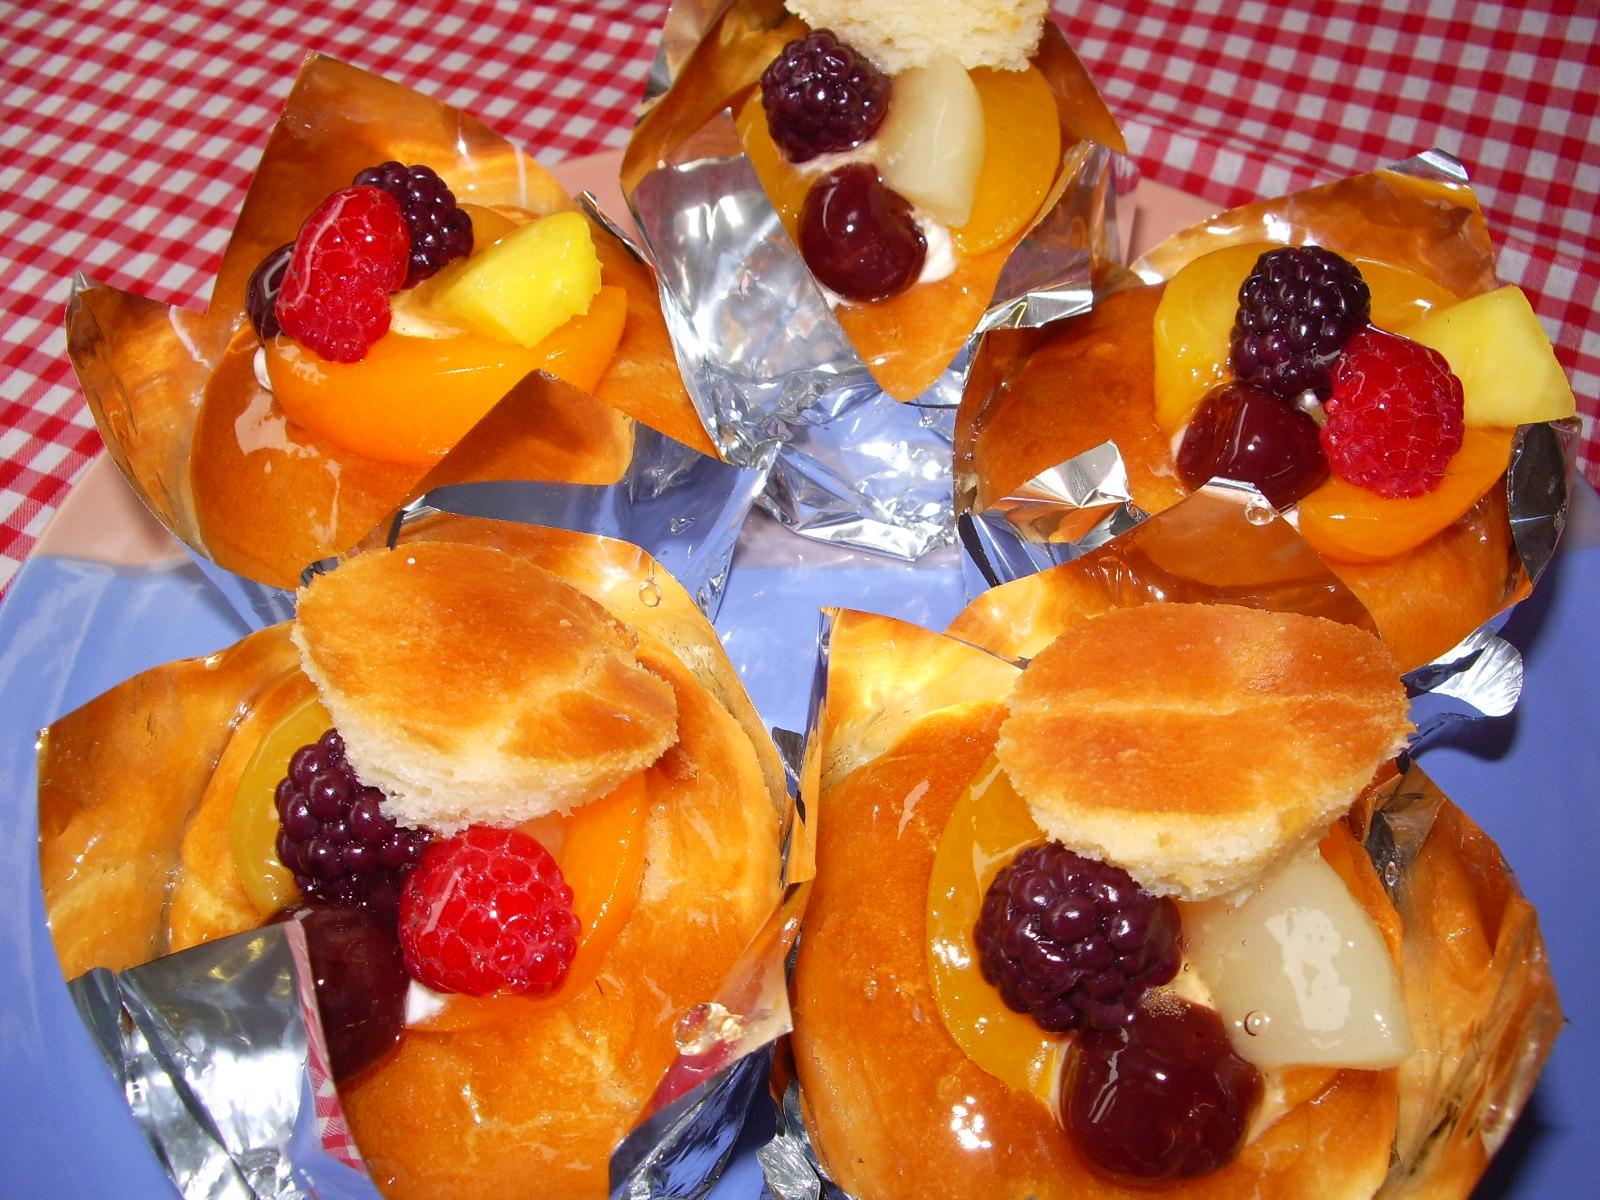 八王子の手作りケーキ専門店、ジュール・ド・ロワで販売しているサバラン。「昔ながらの味!」と評判です。ラム酒のシロップがじゅわっとあふれる大人の味わいは、リピーター続出。